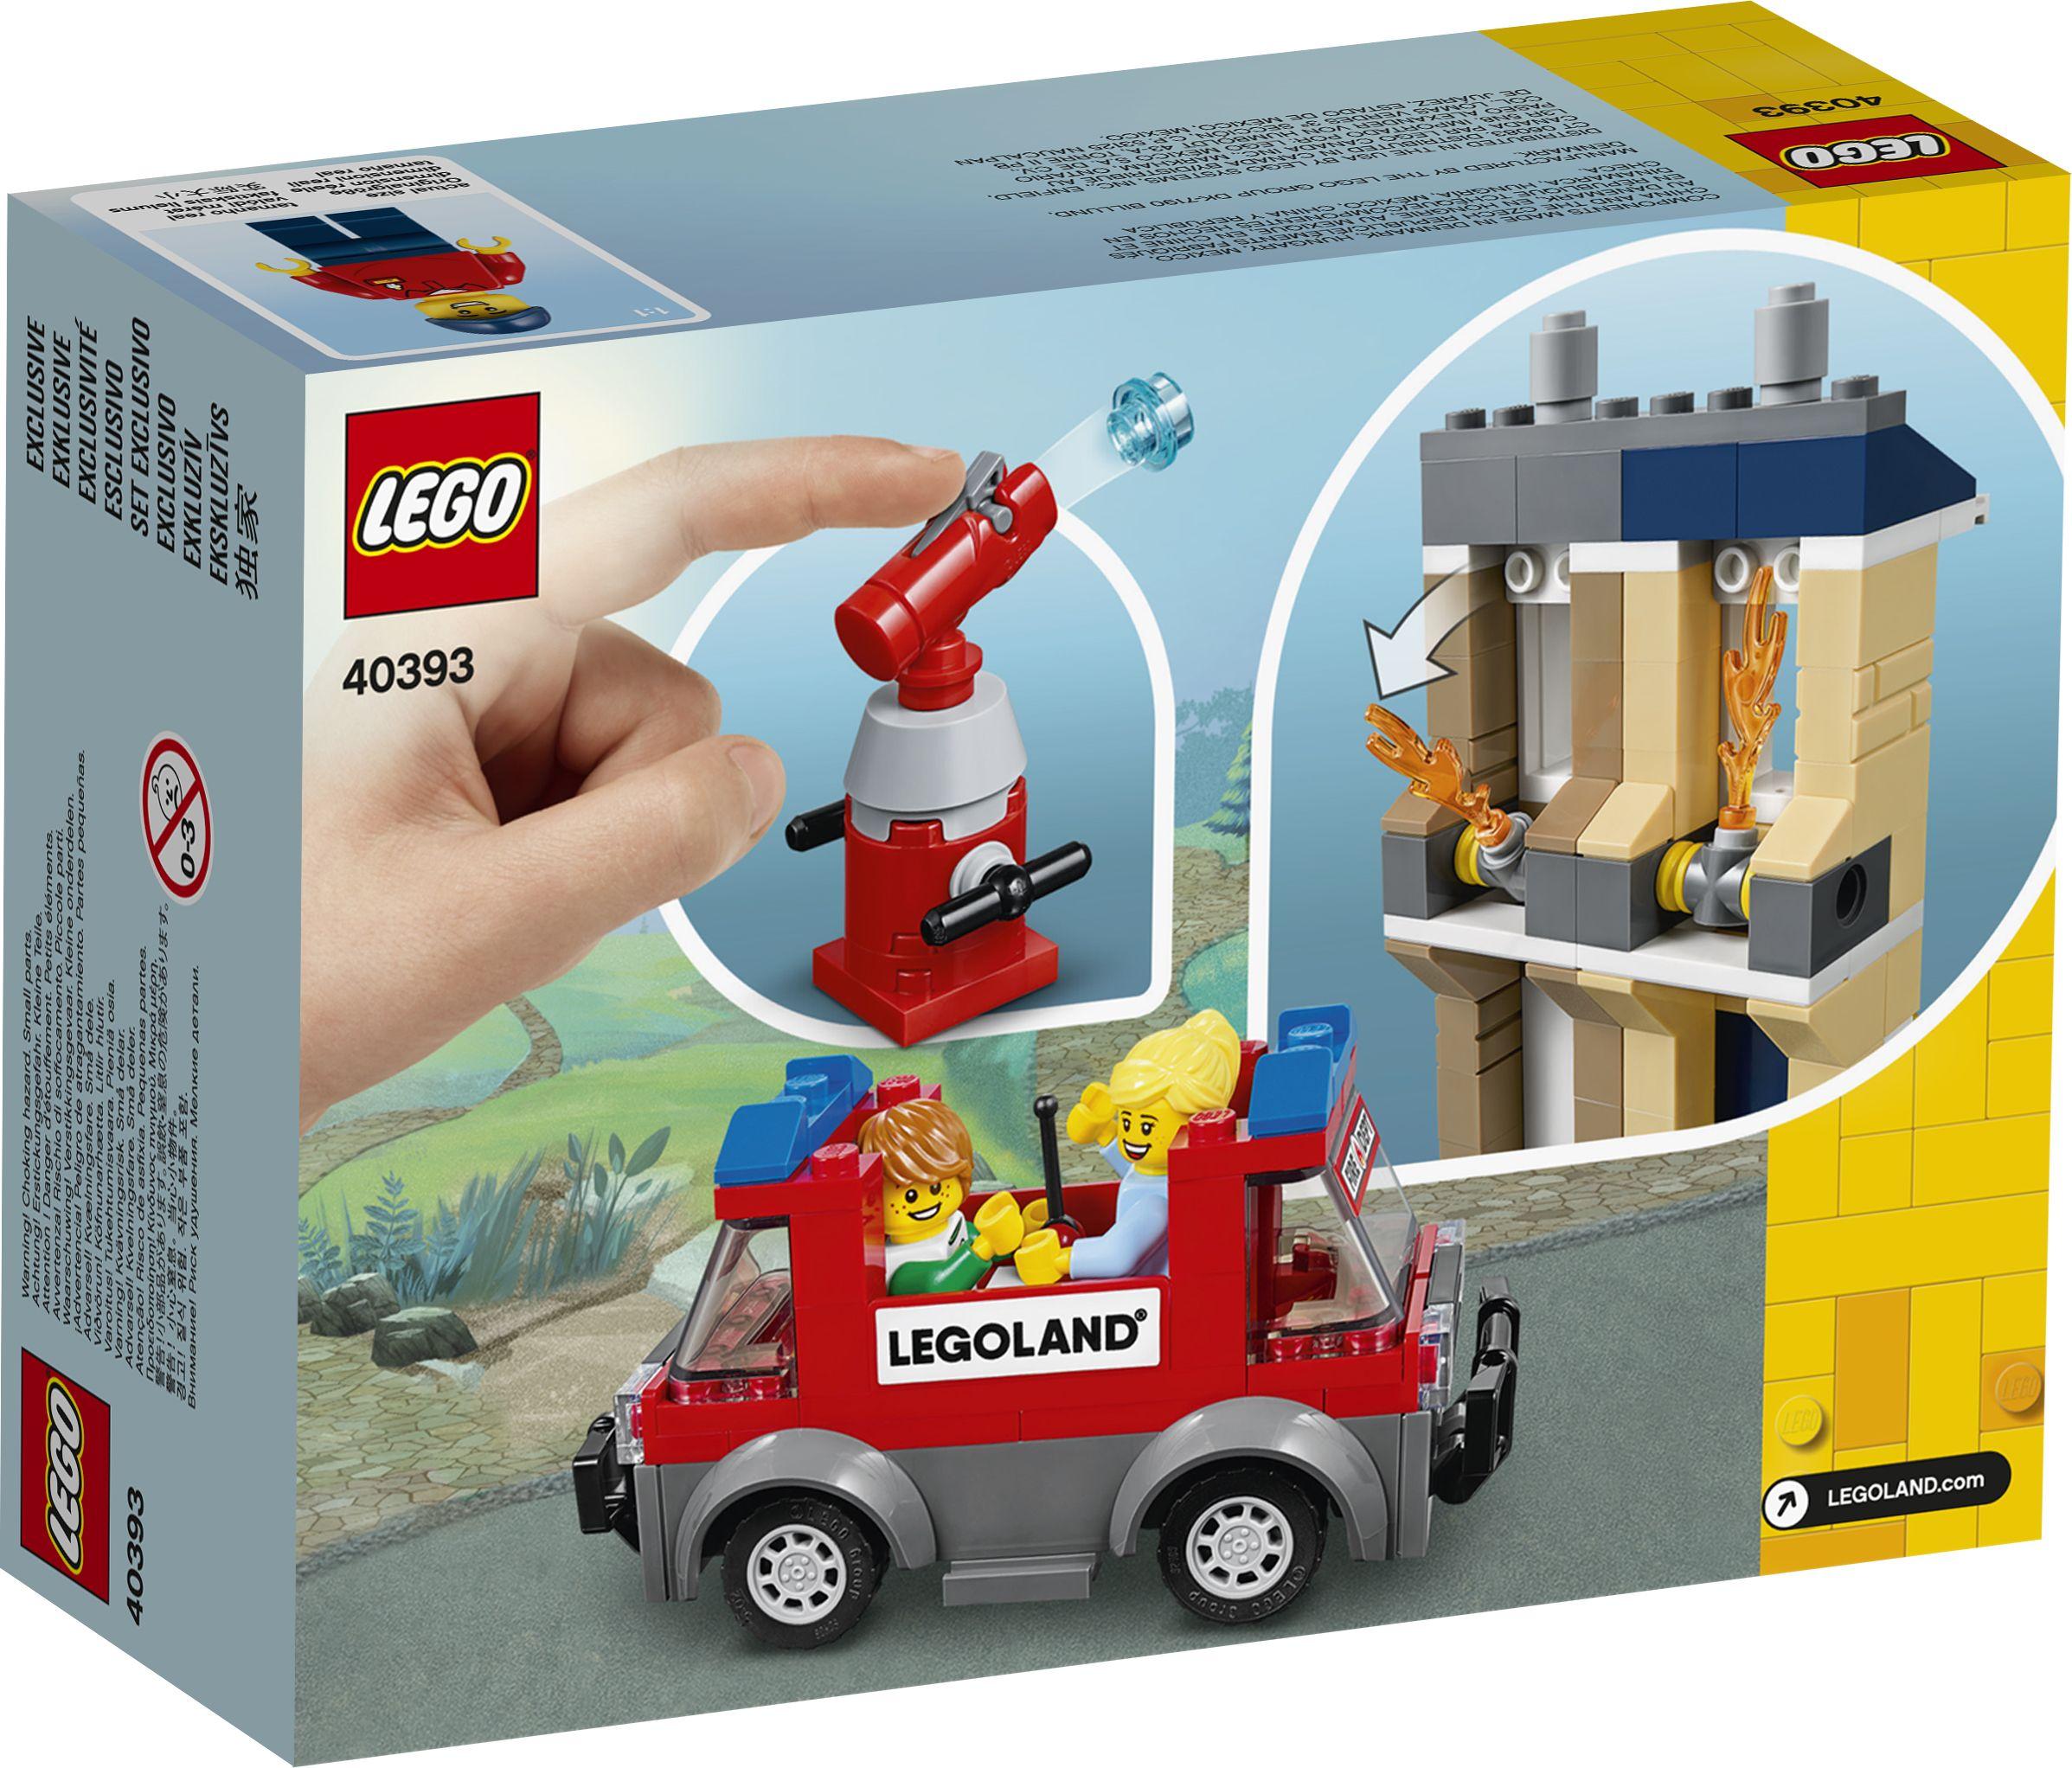 LEGO® Promotional 40393 LEGOLAND Fire Academy